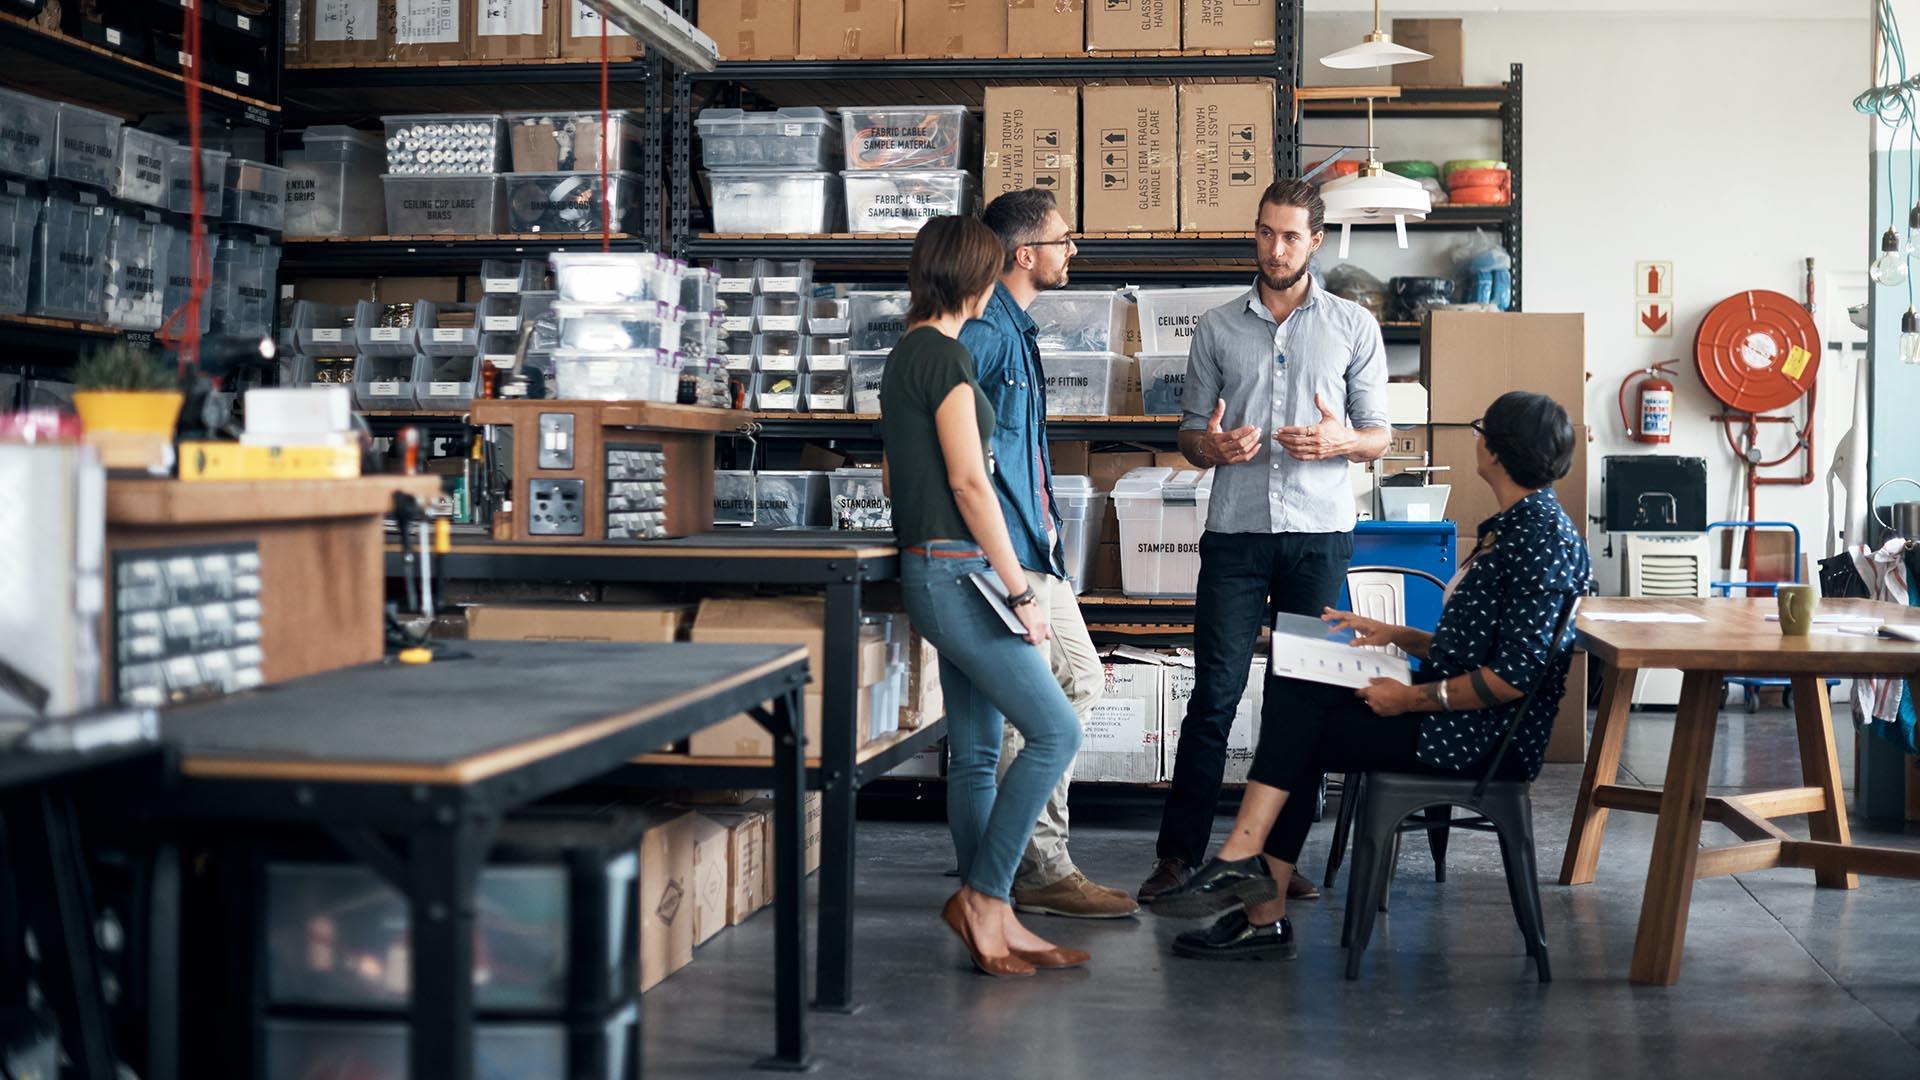 Συνεργάτες σε Επιχειρηματικό Περιβάλλον